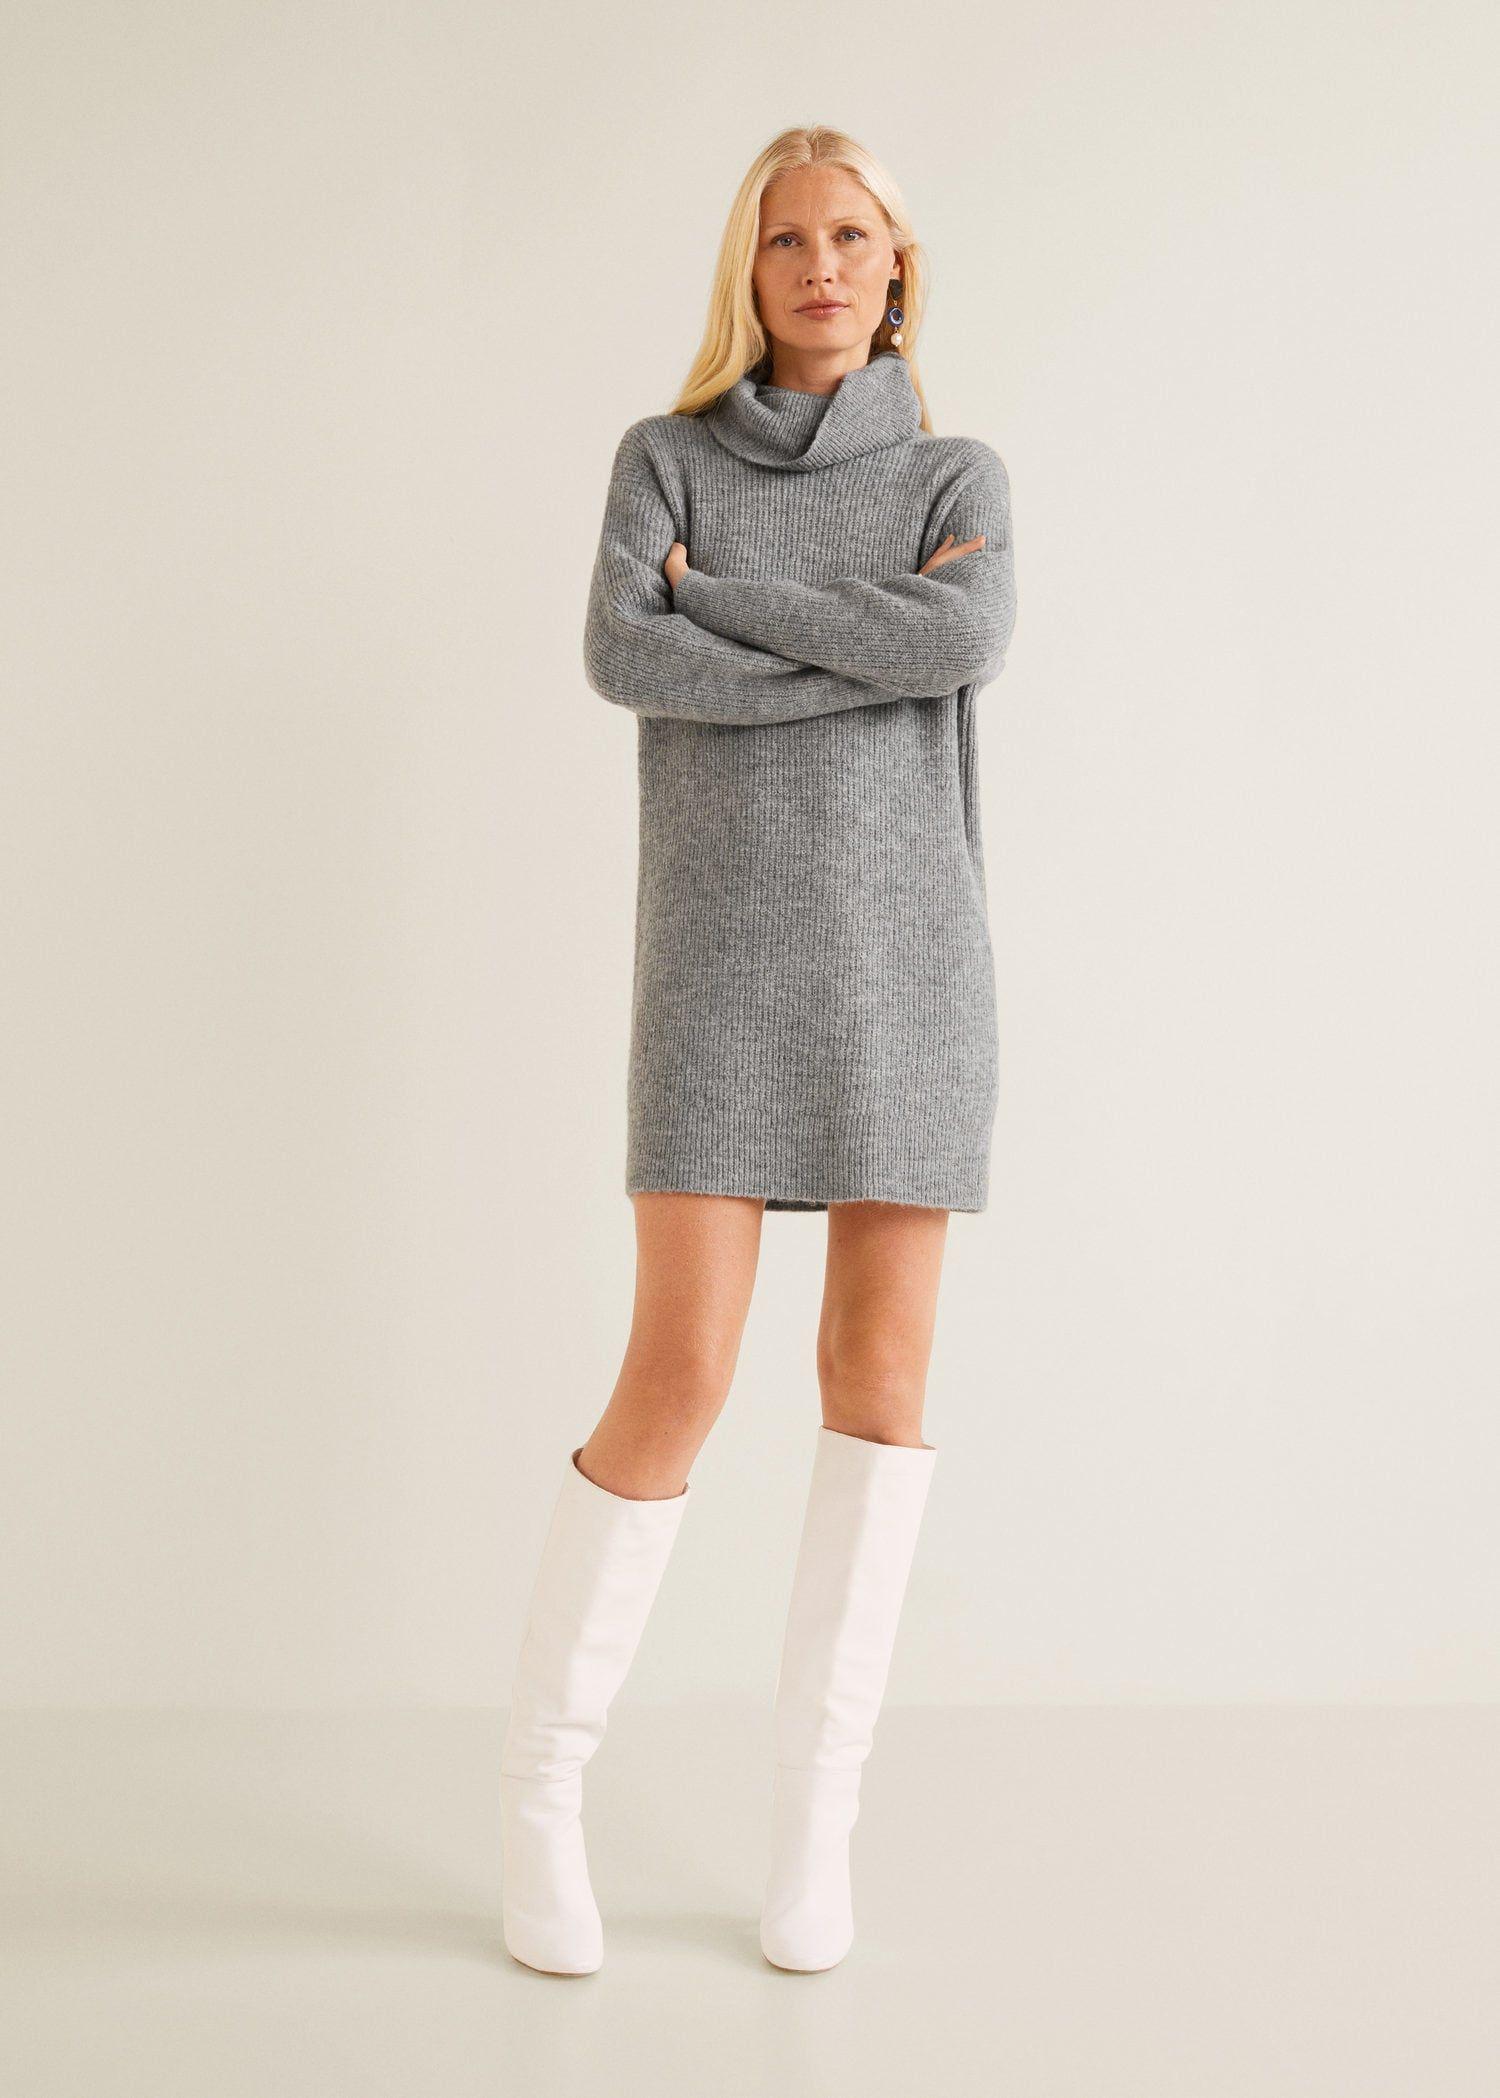 Vestidos de punto invierno 2019